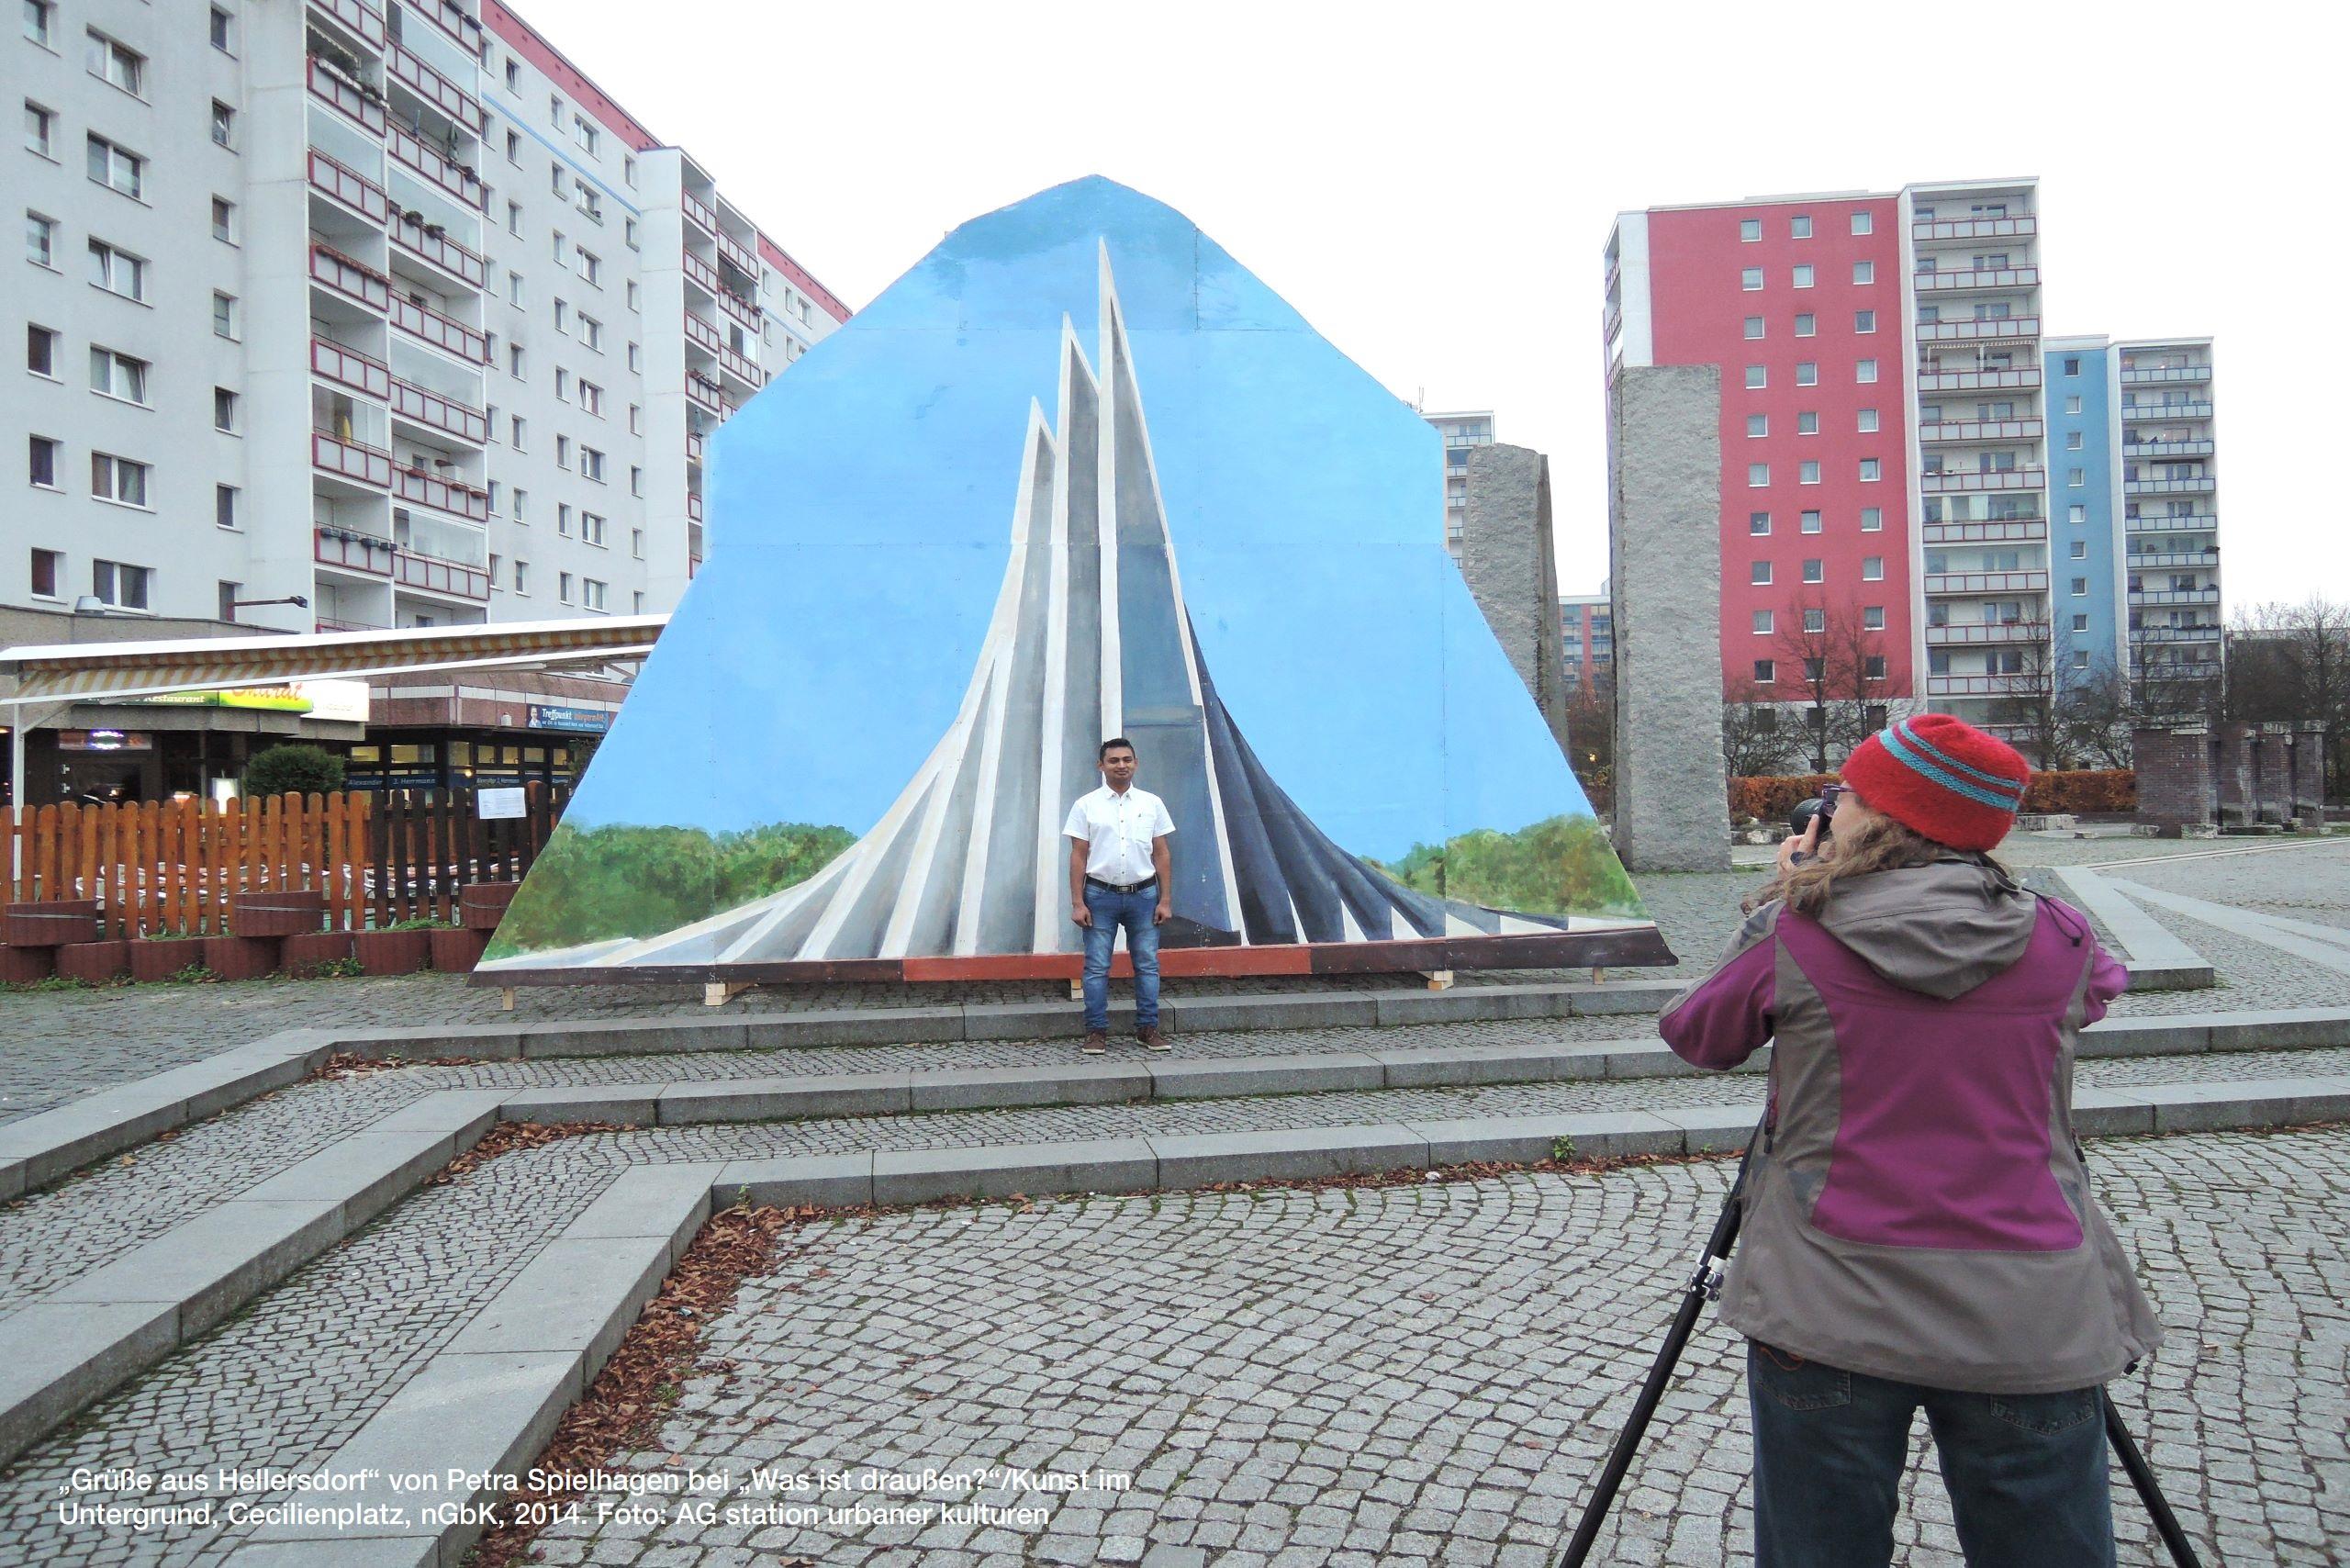 """""""Grüße aus Hellersdorf"""" von Petra Spielhagen bei """"Was ist draußen?""""/Kunst im Untergrund, Cecilienplatz, nGbK, 2014. Foto: AG station urbaner kulturen"""